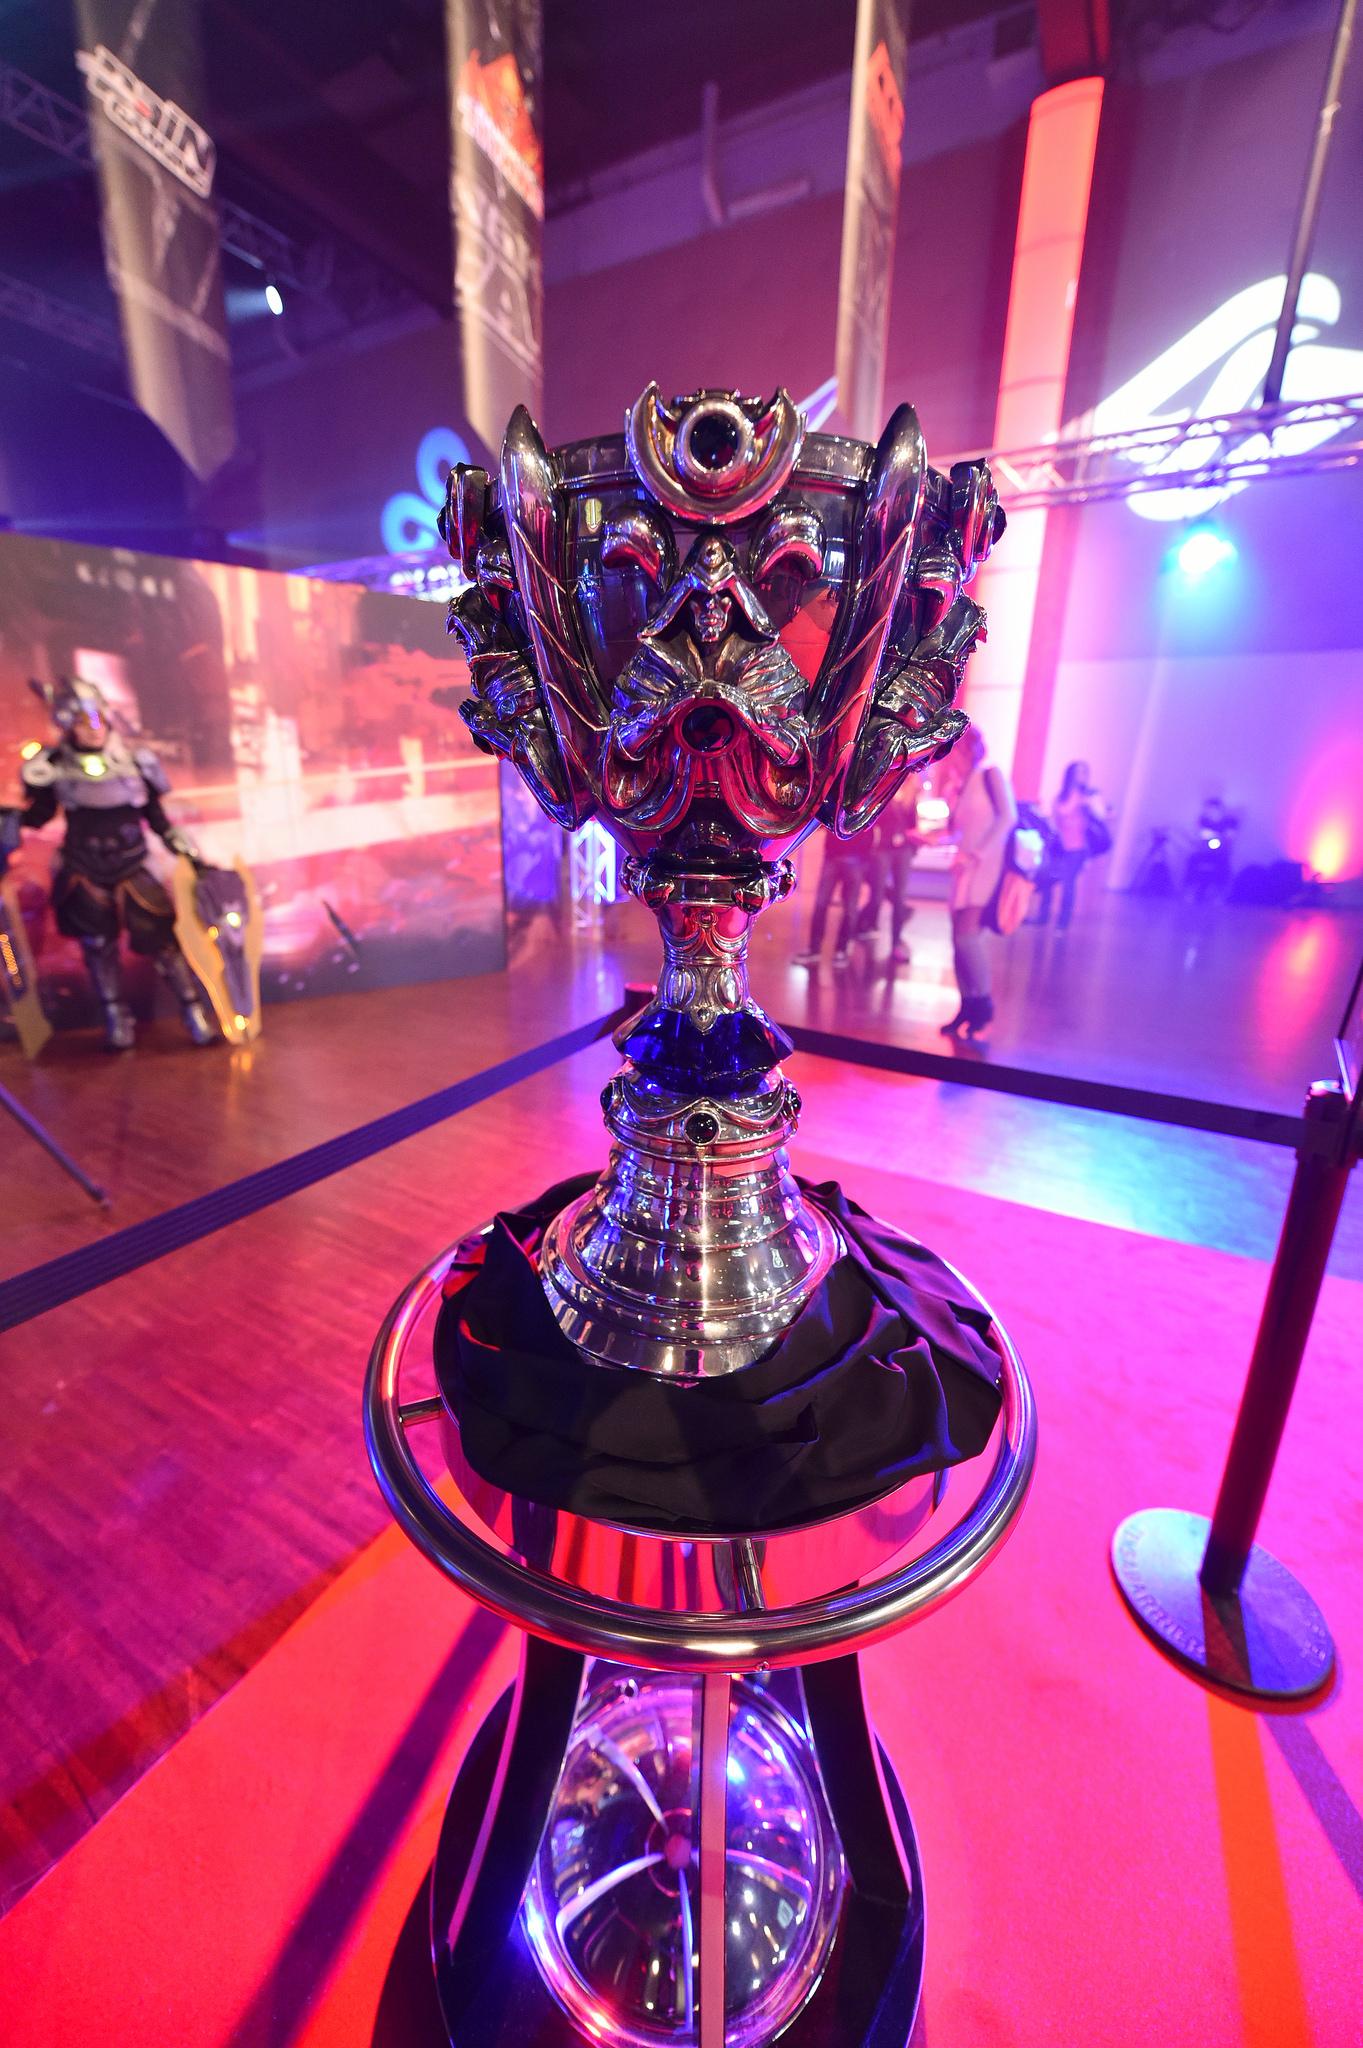 德玛西亚杯比赛视频_S5现场图集:比赛场馆周边 玩家热情爆棚-新浪英雄联盟专区